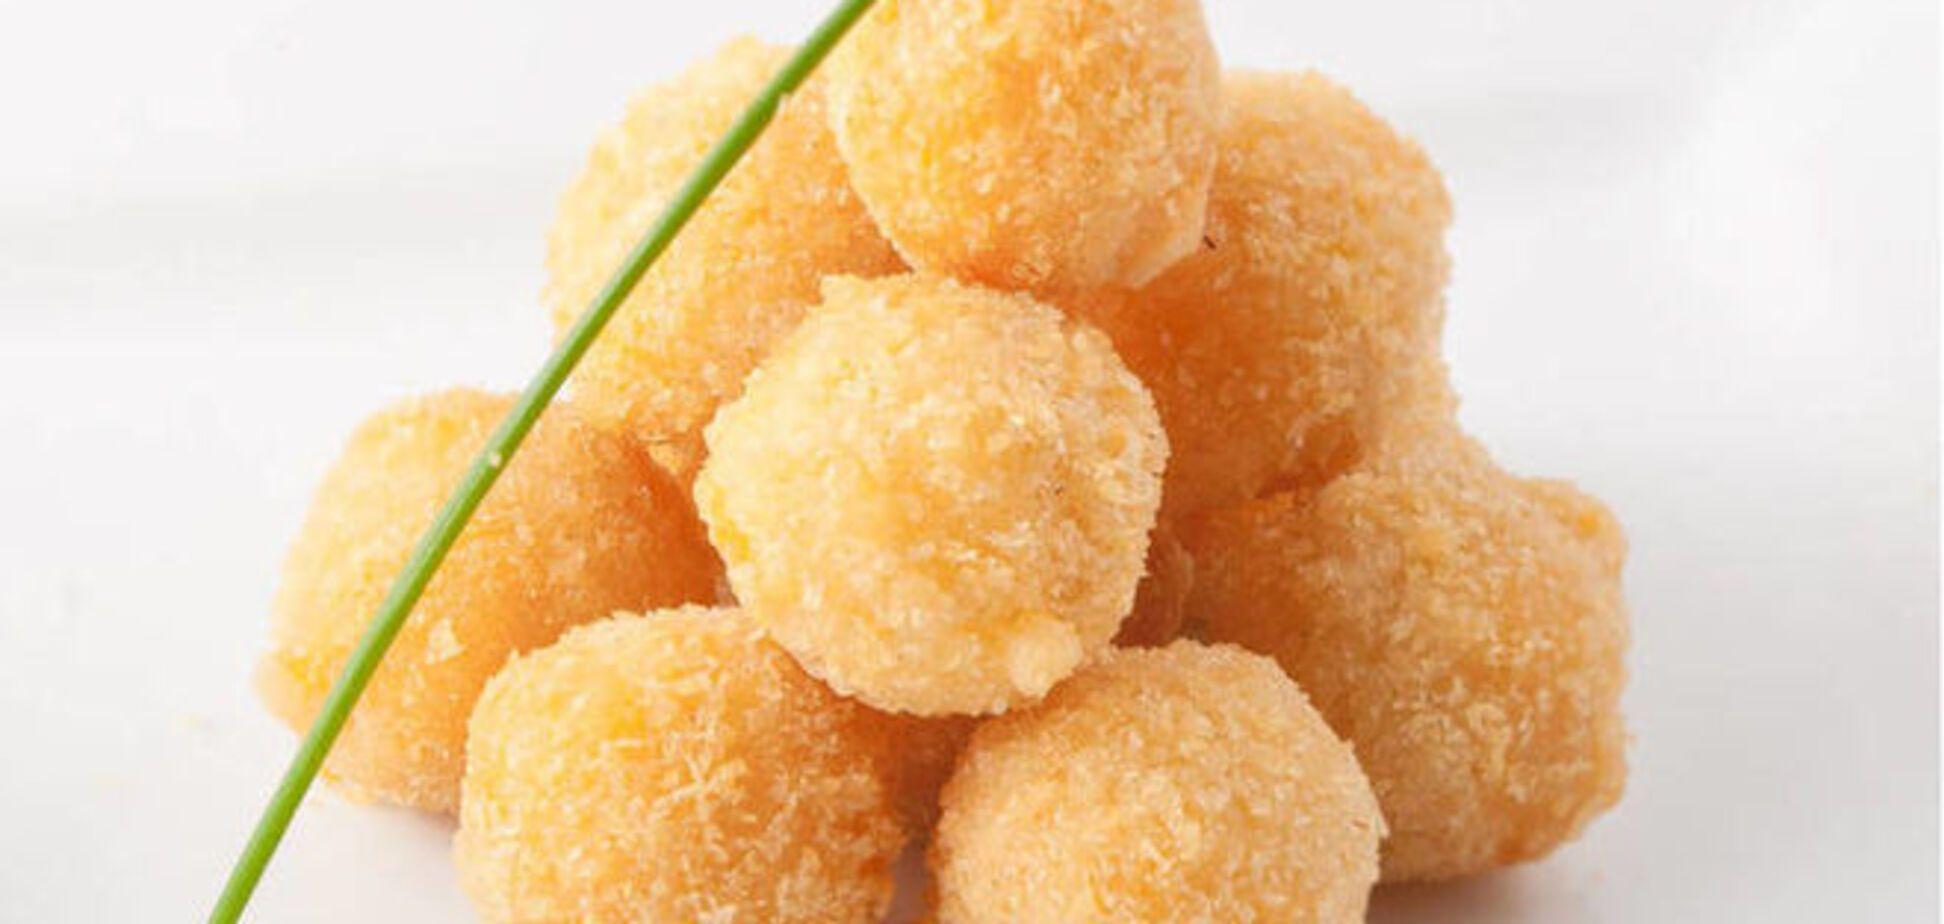 Жареные шарики из адыгейского сыра с имбирем и кокосом: потрясающий рецепт